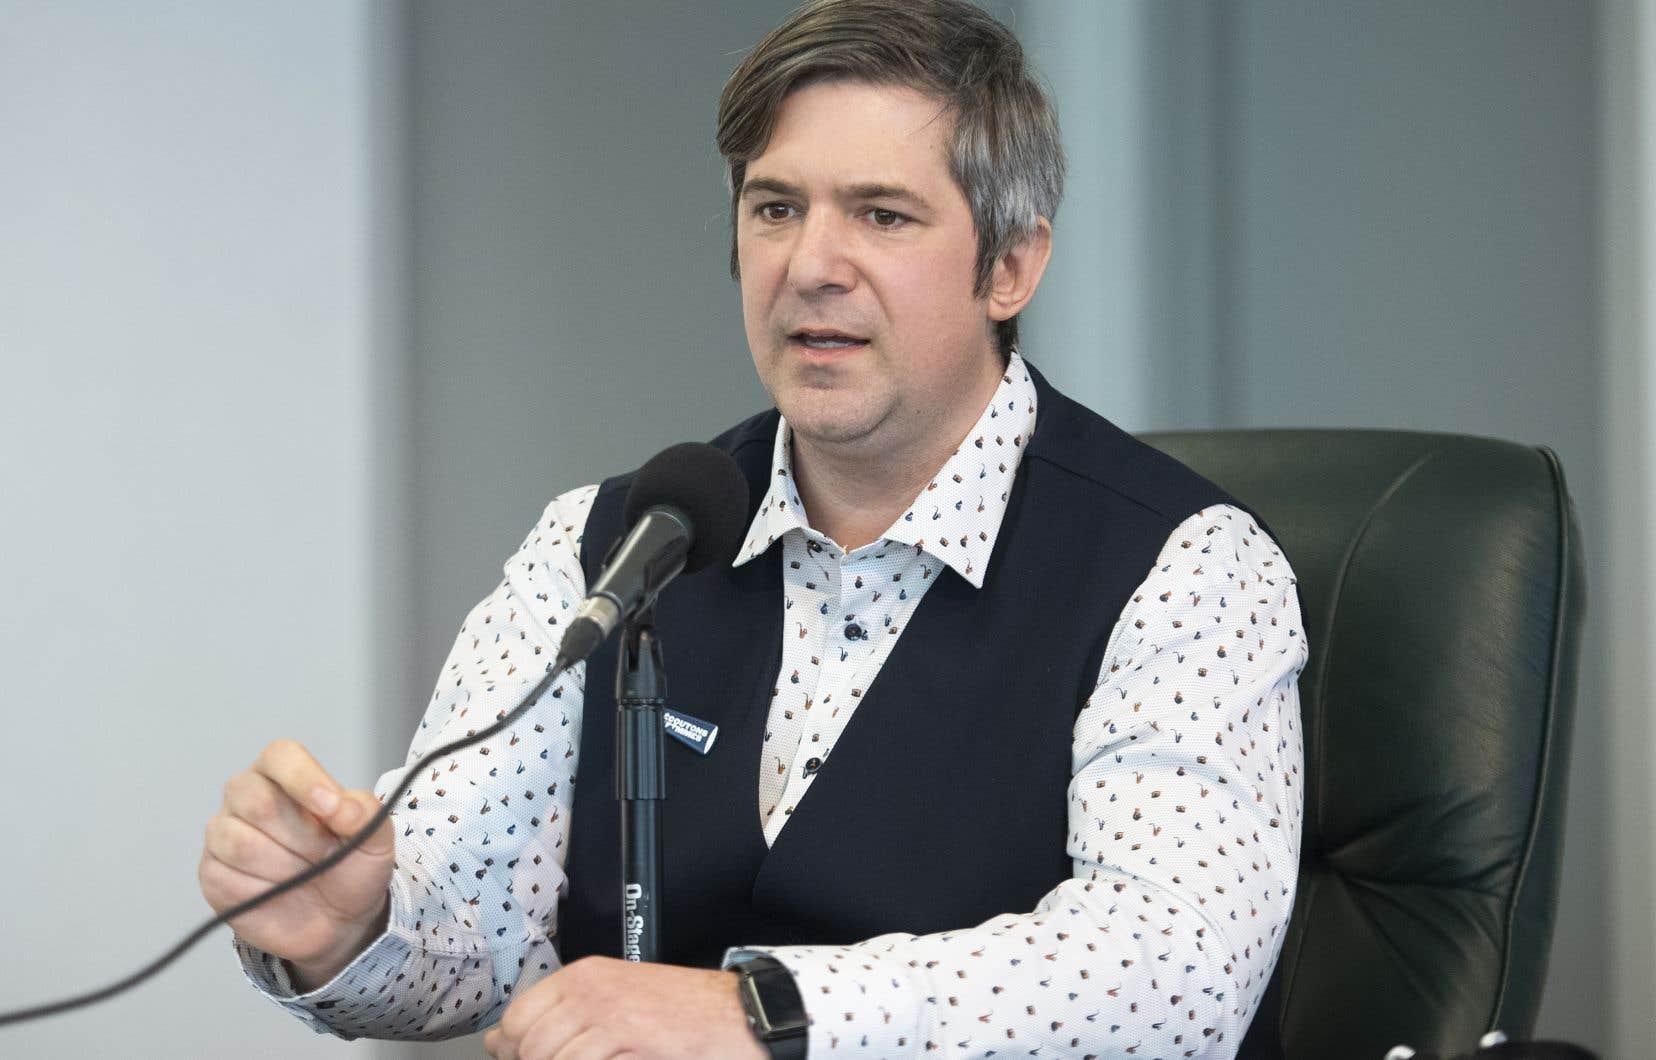 Même si le scrutin est maintenu, son issue ne marquera pas la fin de cette saga, a souligné Pierrick Choinière-Lapointe, du SEPB-Québec.